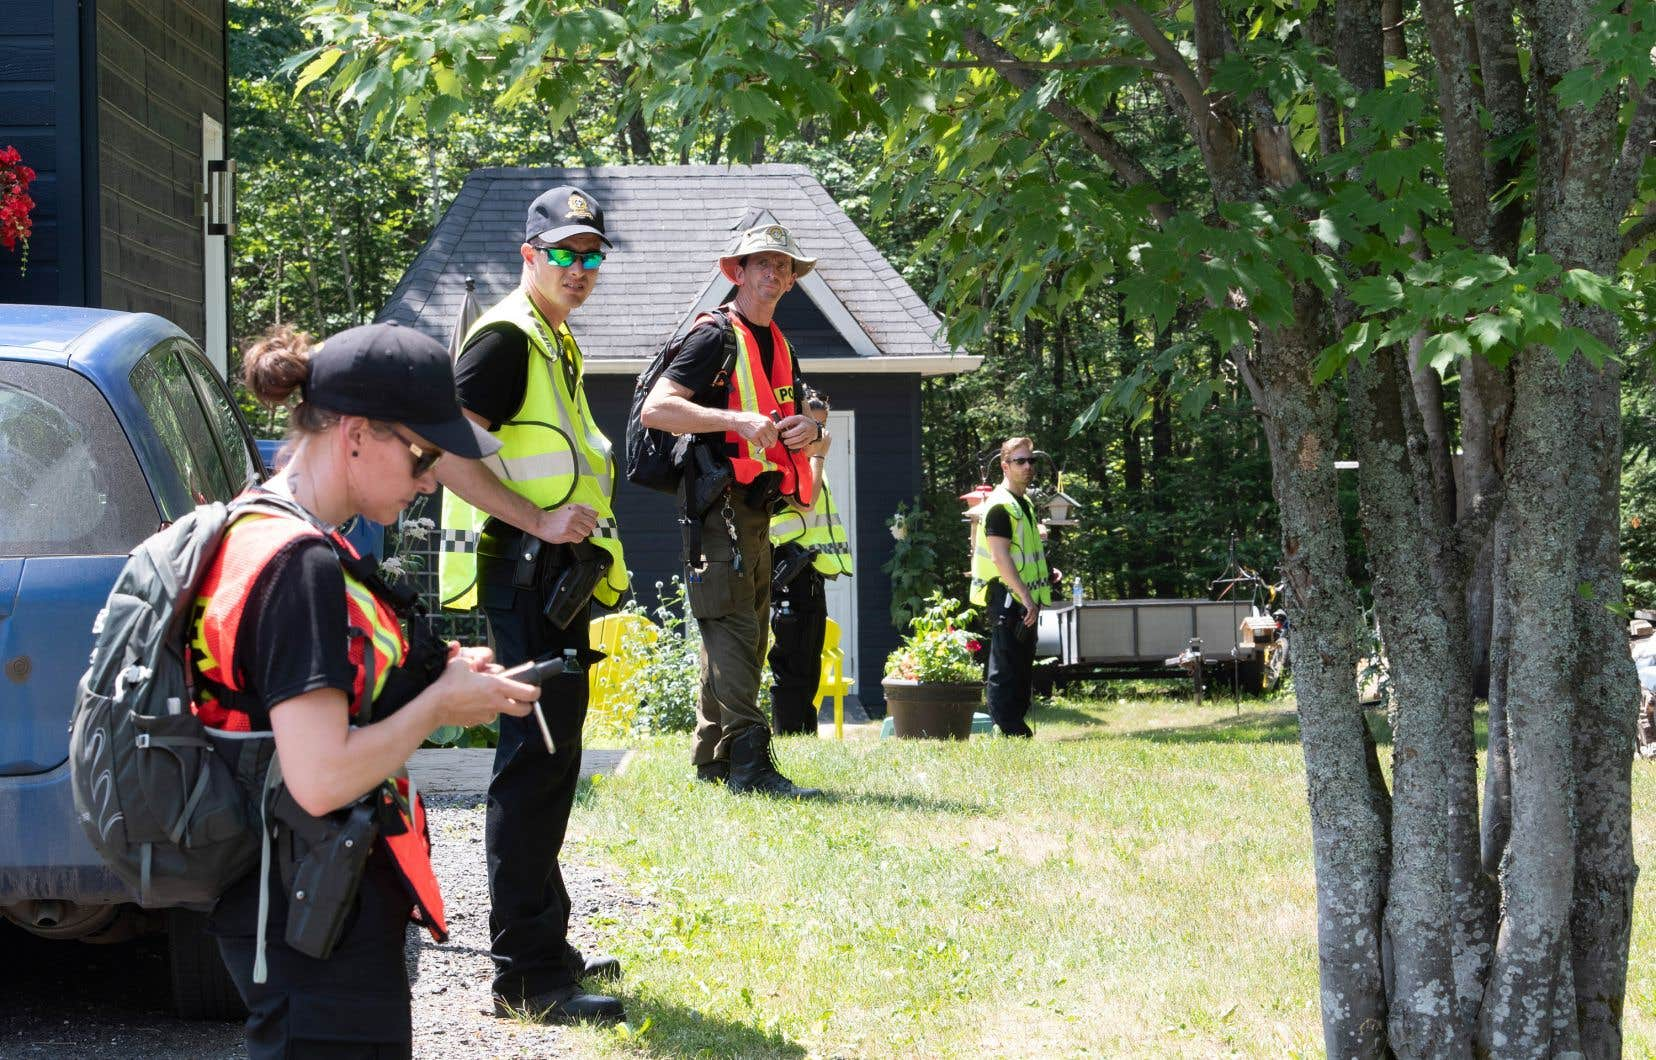 La Sûreté du Québec a demandé aux citoyens de rester loin du secteur et de regagner leurs domiciles.